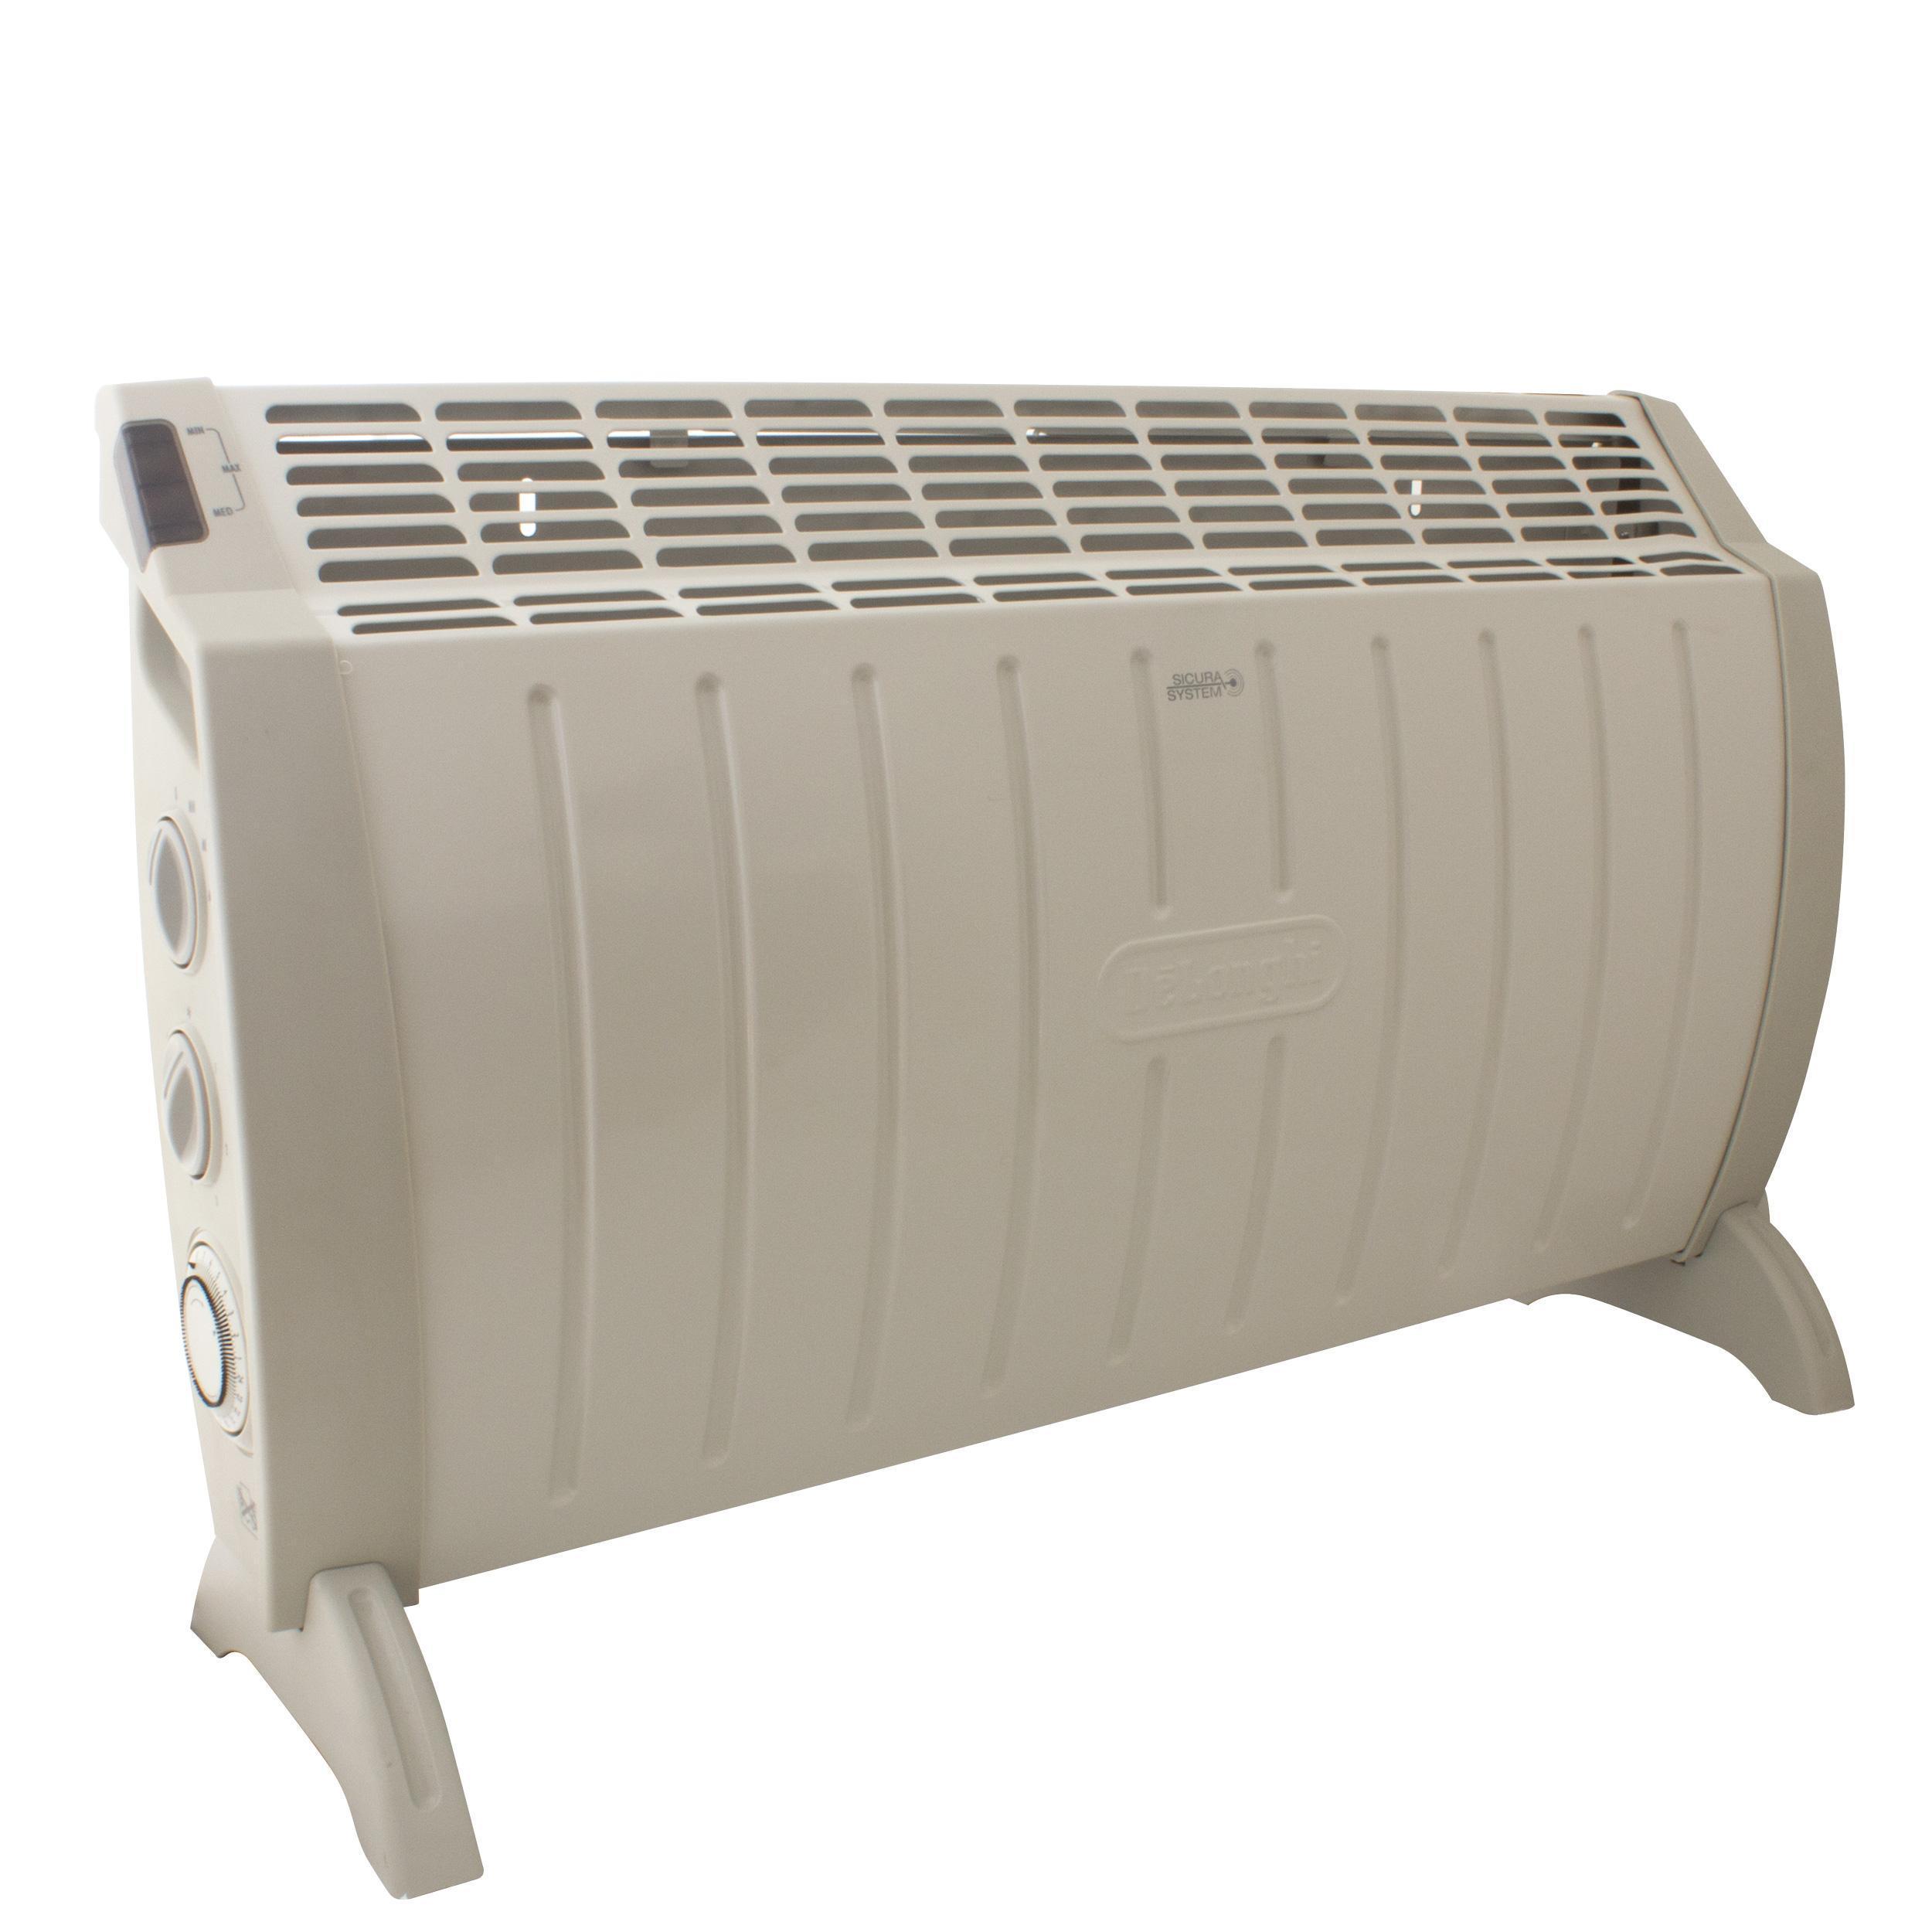 Chauffage convecteur électrique DeLonghi HCO430TS - 300W